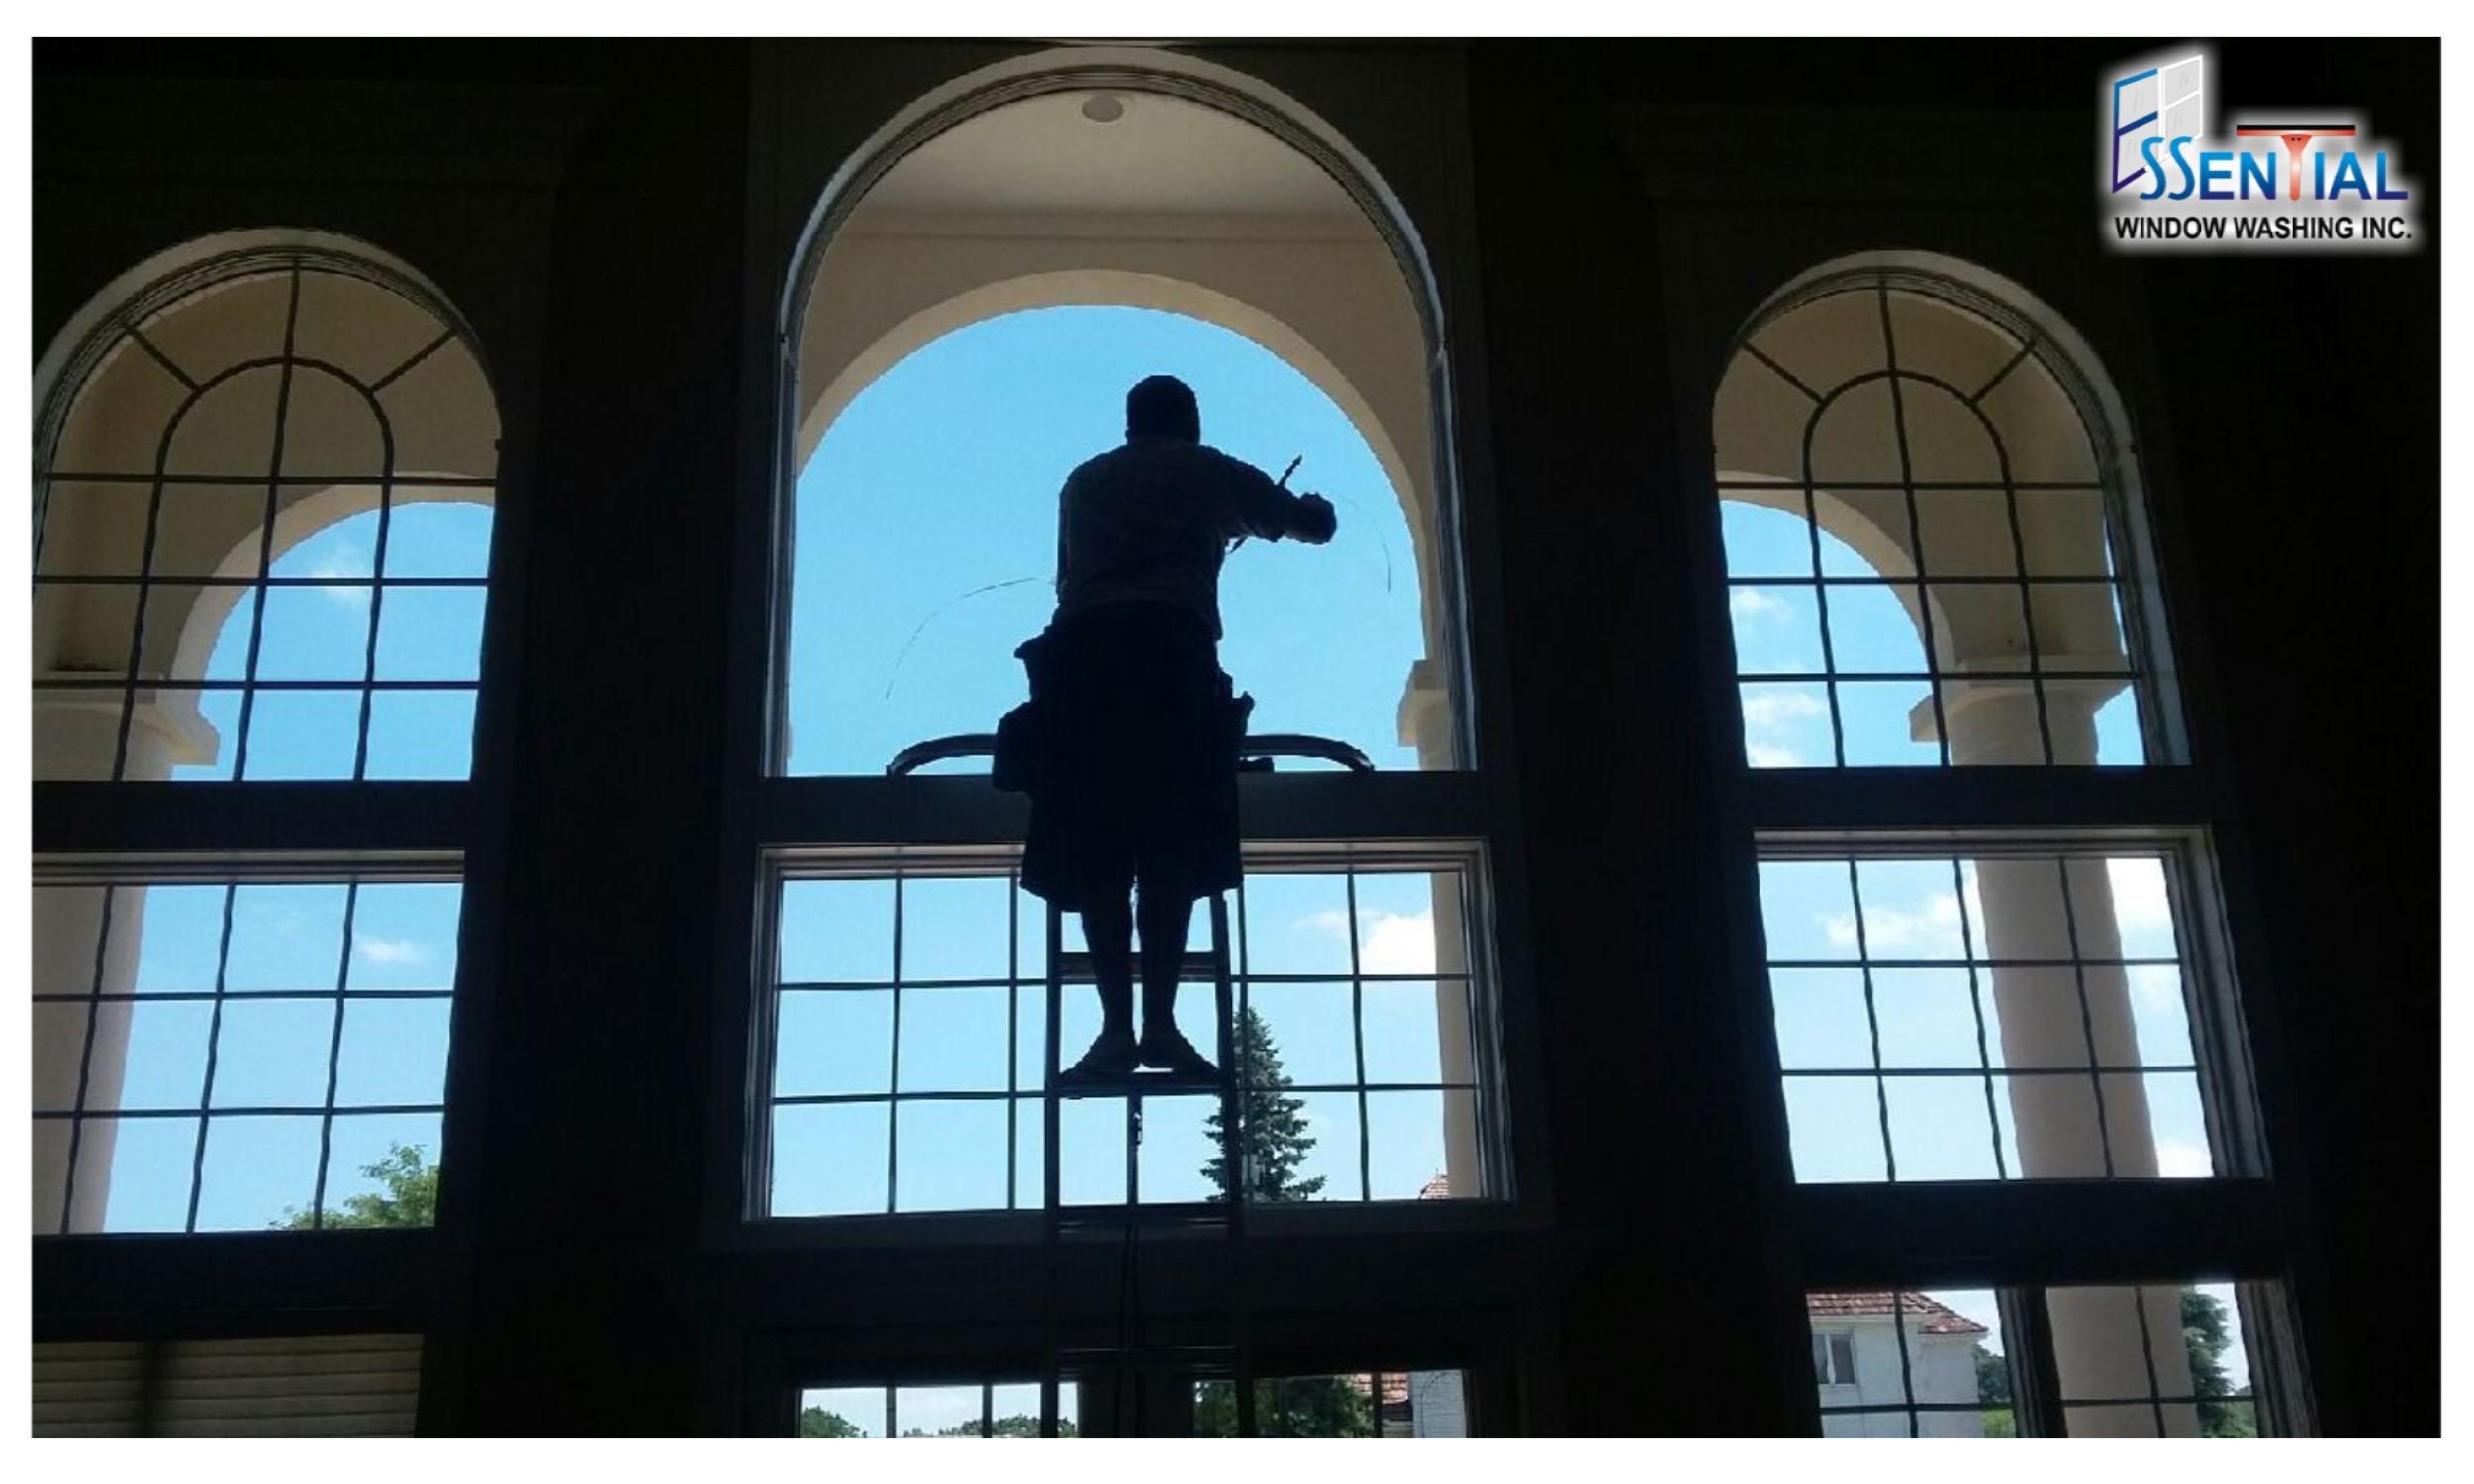 oak-lawn-window-washing